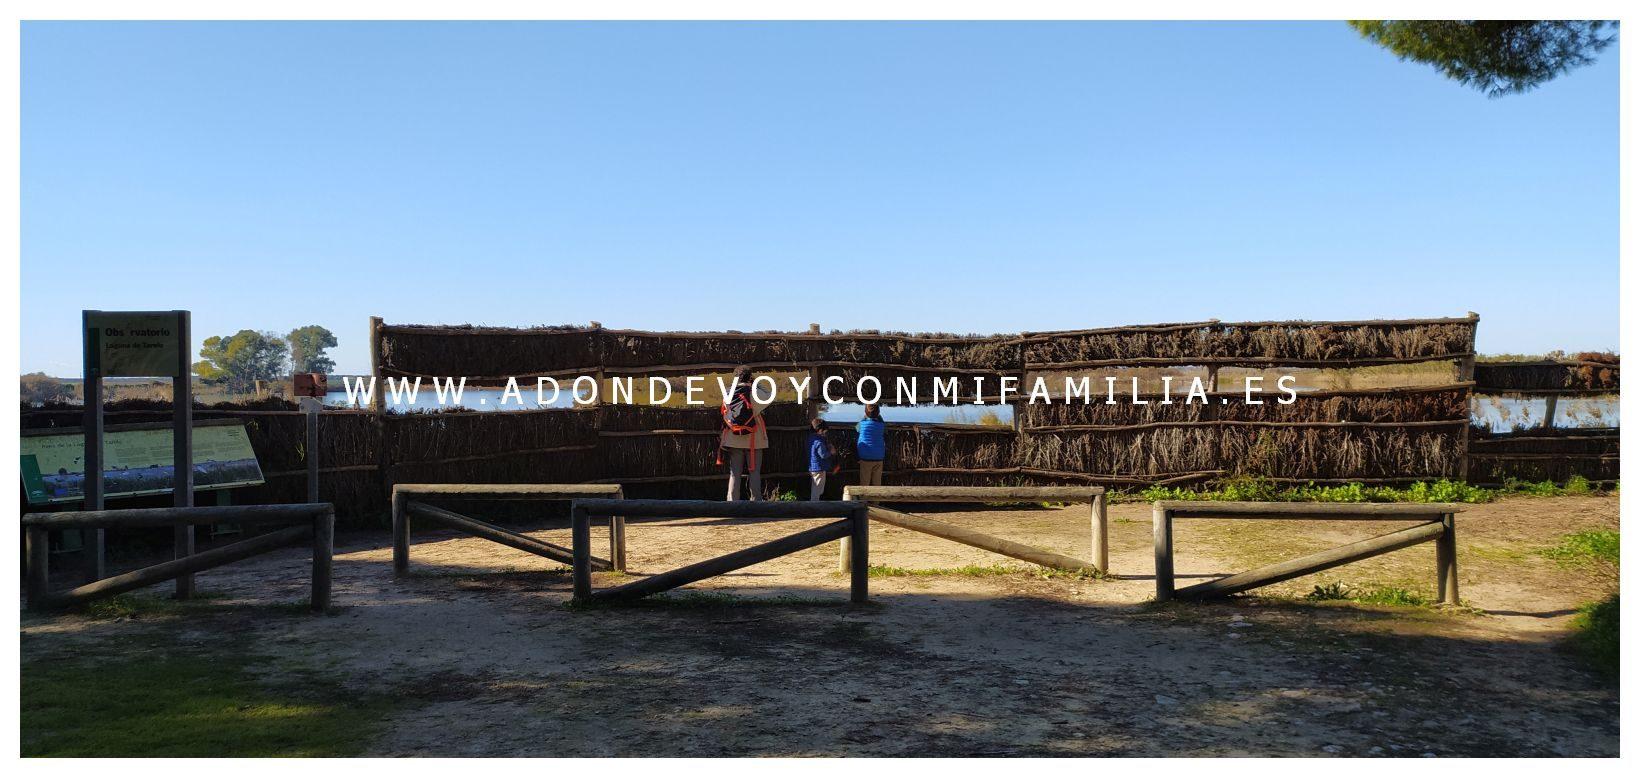 sendero-cerro-del-aguila-pinar-de-la-algaida-sanlucar-adondevoyconmifamilia-25